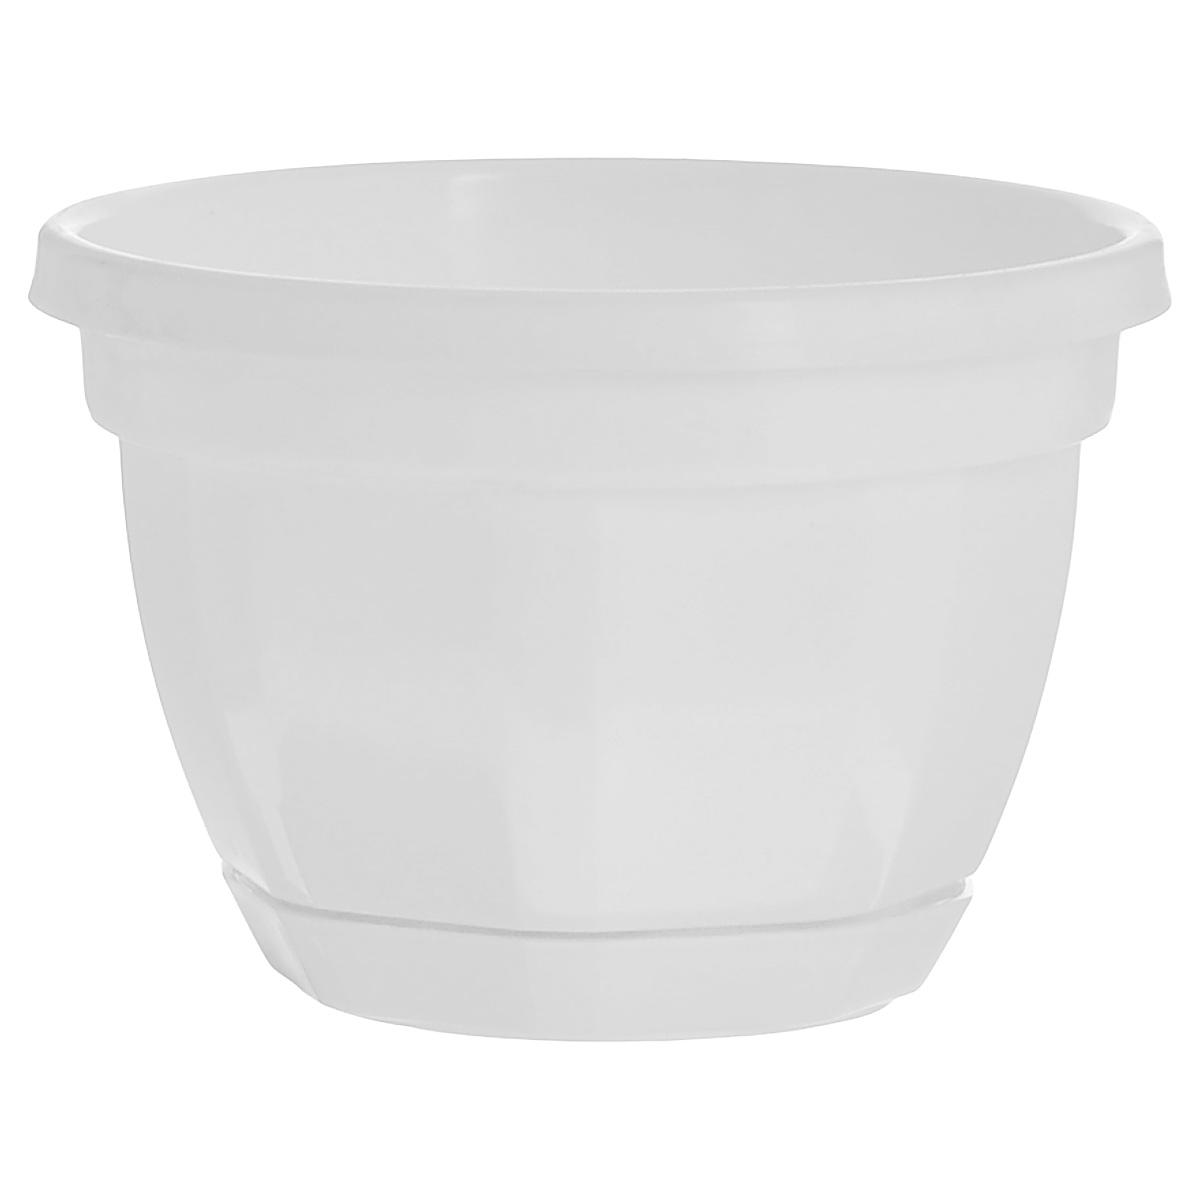 цена на Кашпо Инстар Ника, с поддоном, цвет: белый, диаметр 23 см